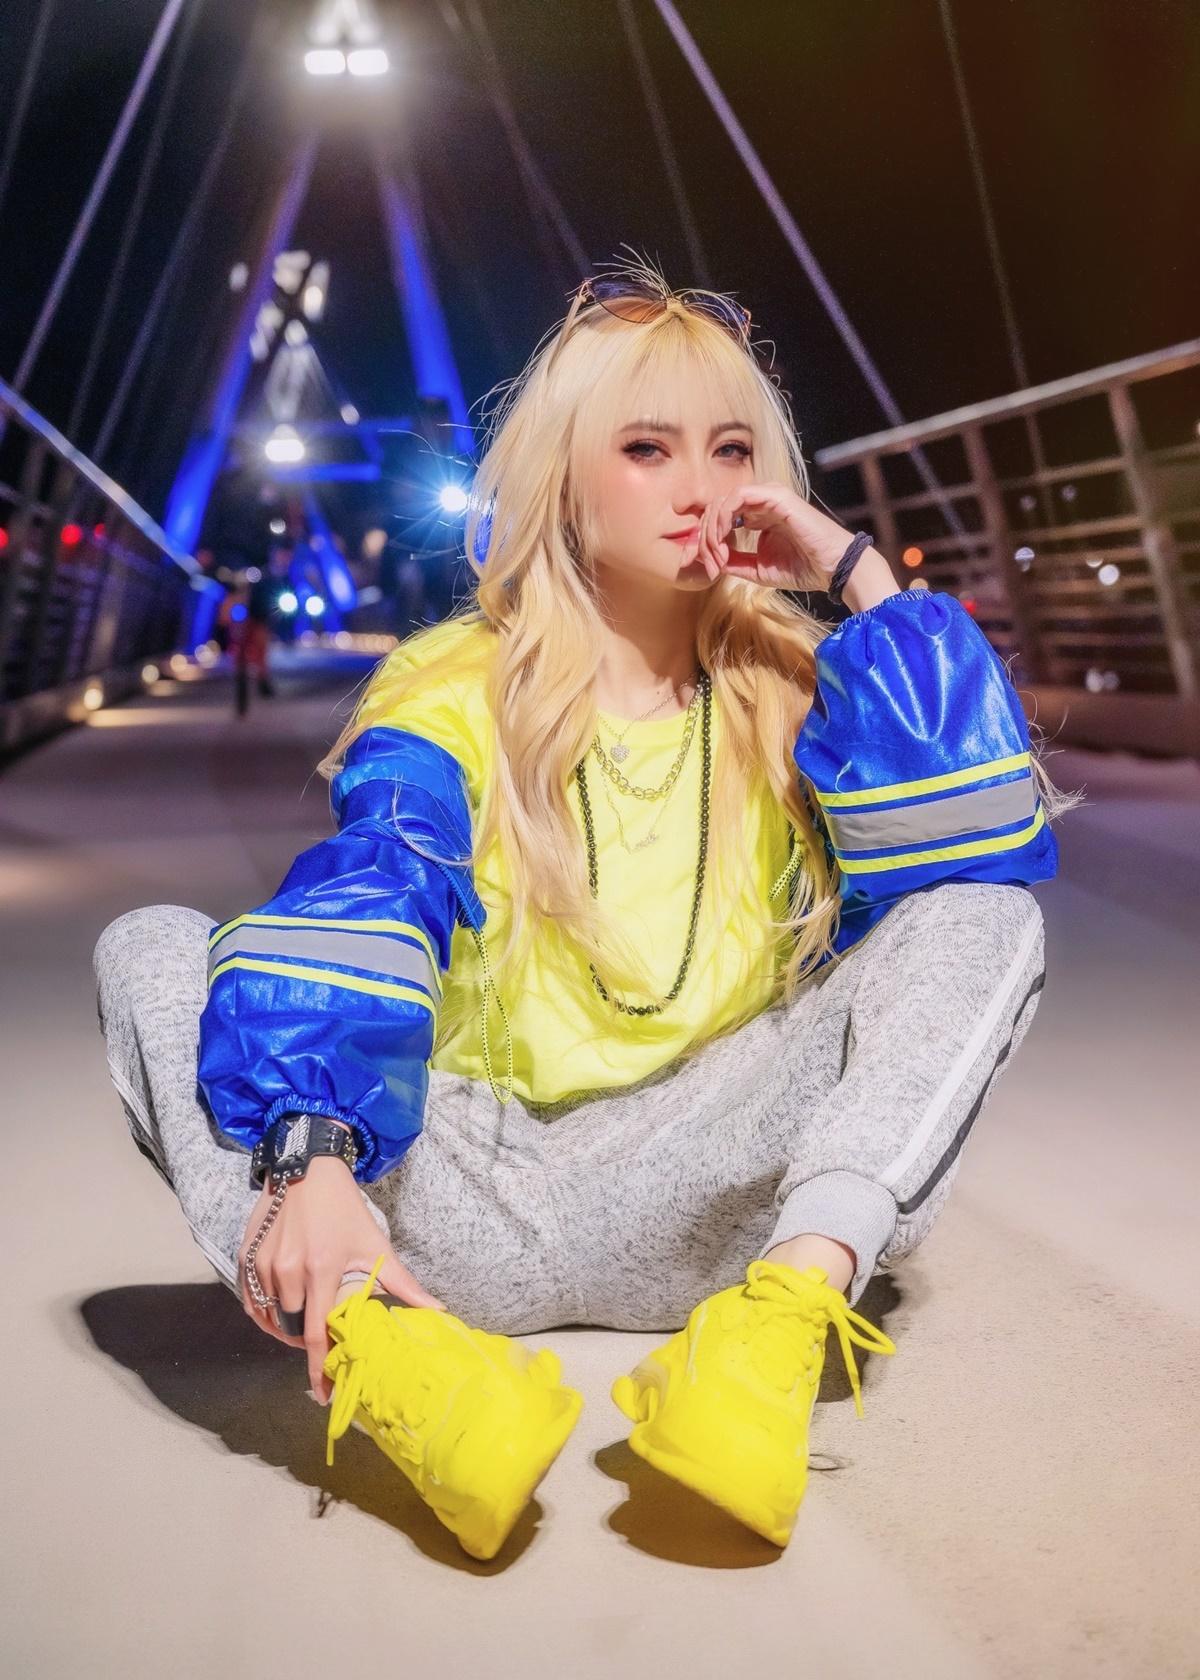 Nữ rapper được khán giả nhớ đến với hình ảnh năng động, trẻ trung trong những bộ cánh đậm chất thể thao.